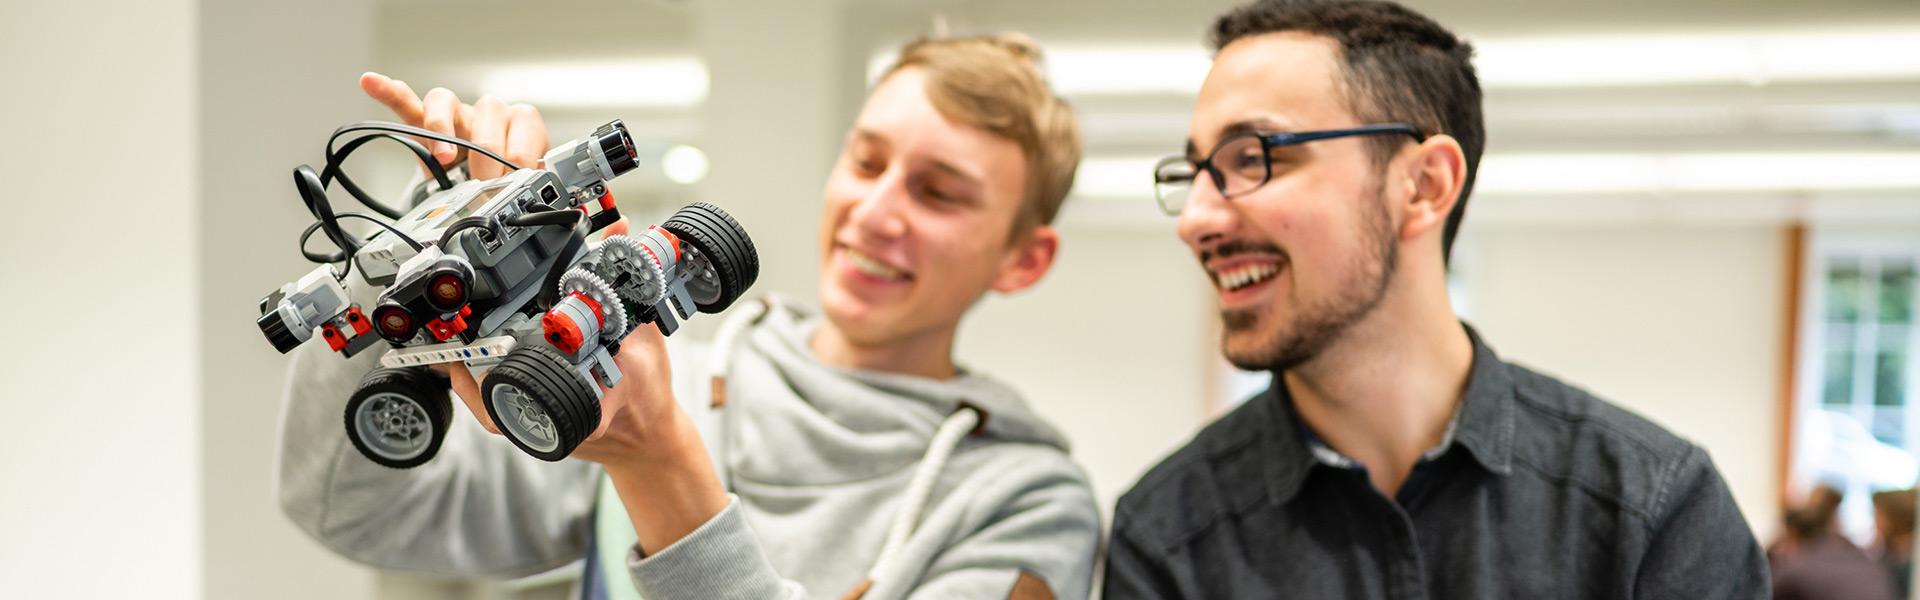 Informatik Bachelor-Studium an der Hochschule Zittau/Görlitz - Studierende prüfen eine Modell eines Elektroautos.